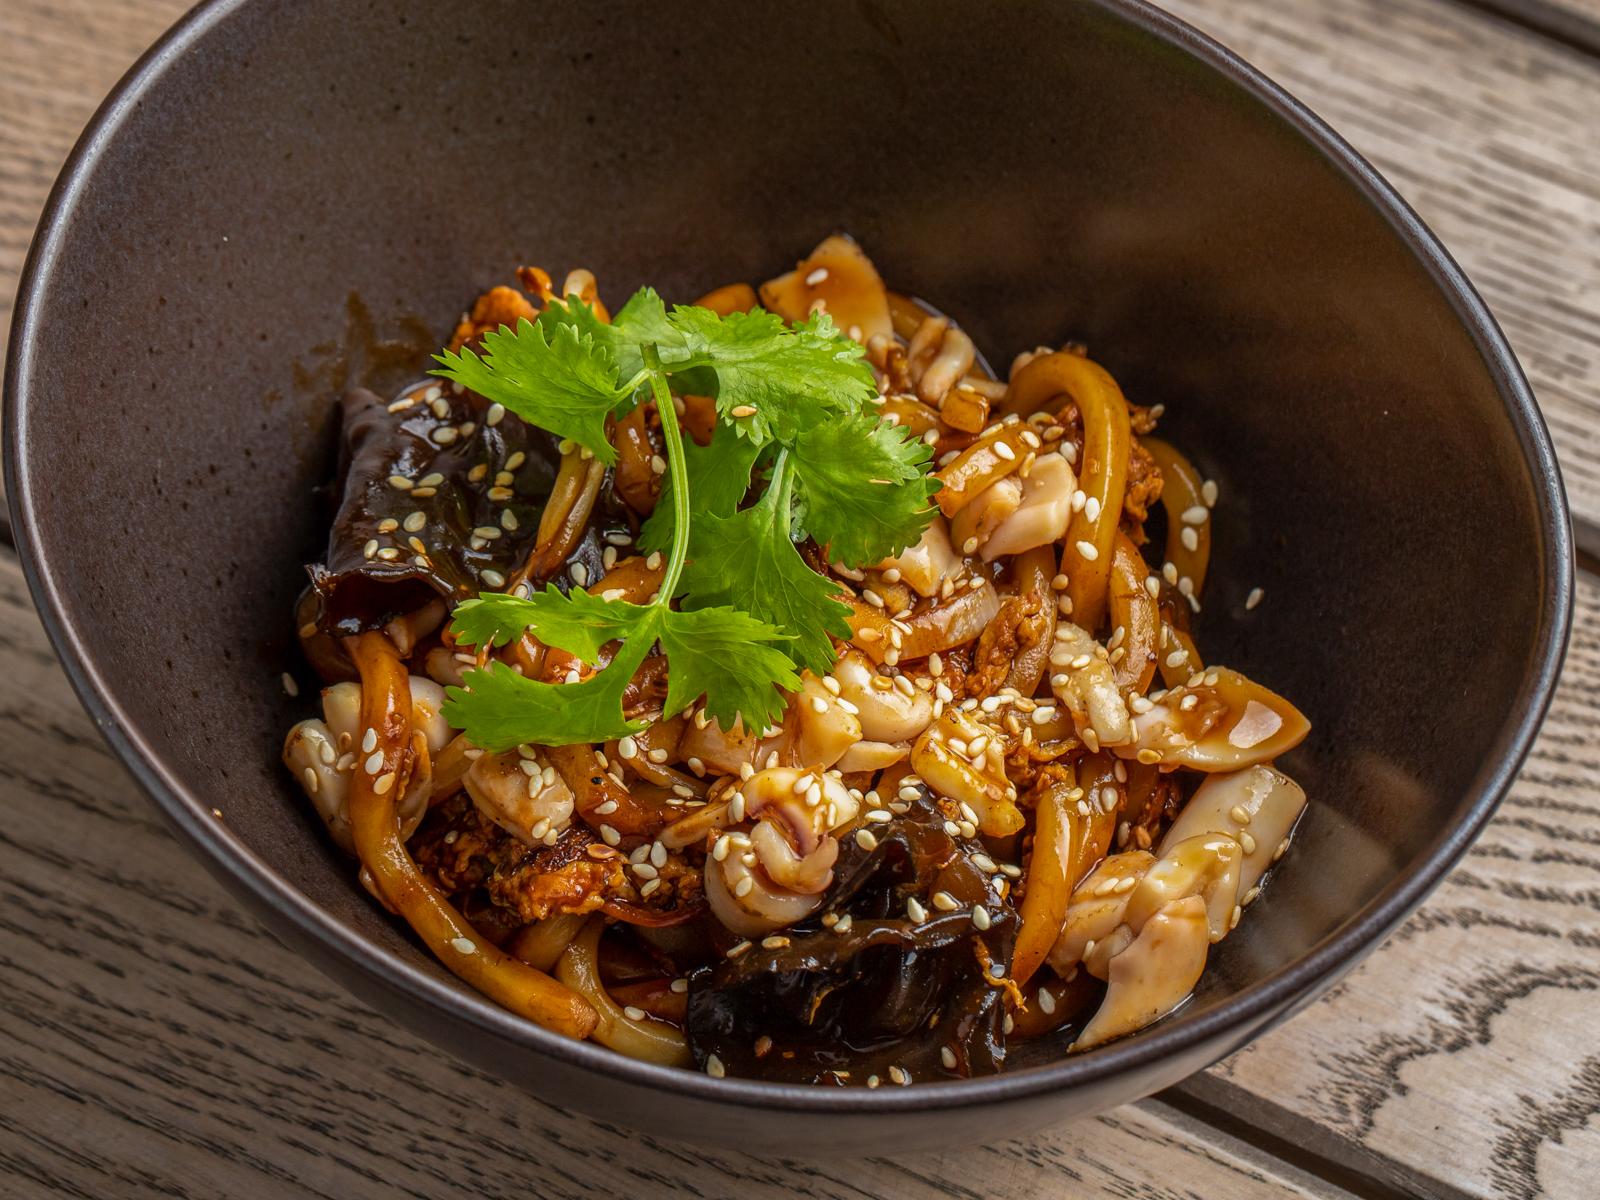 Вок с кальмаром, грибами муэр в перечном соусе